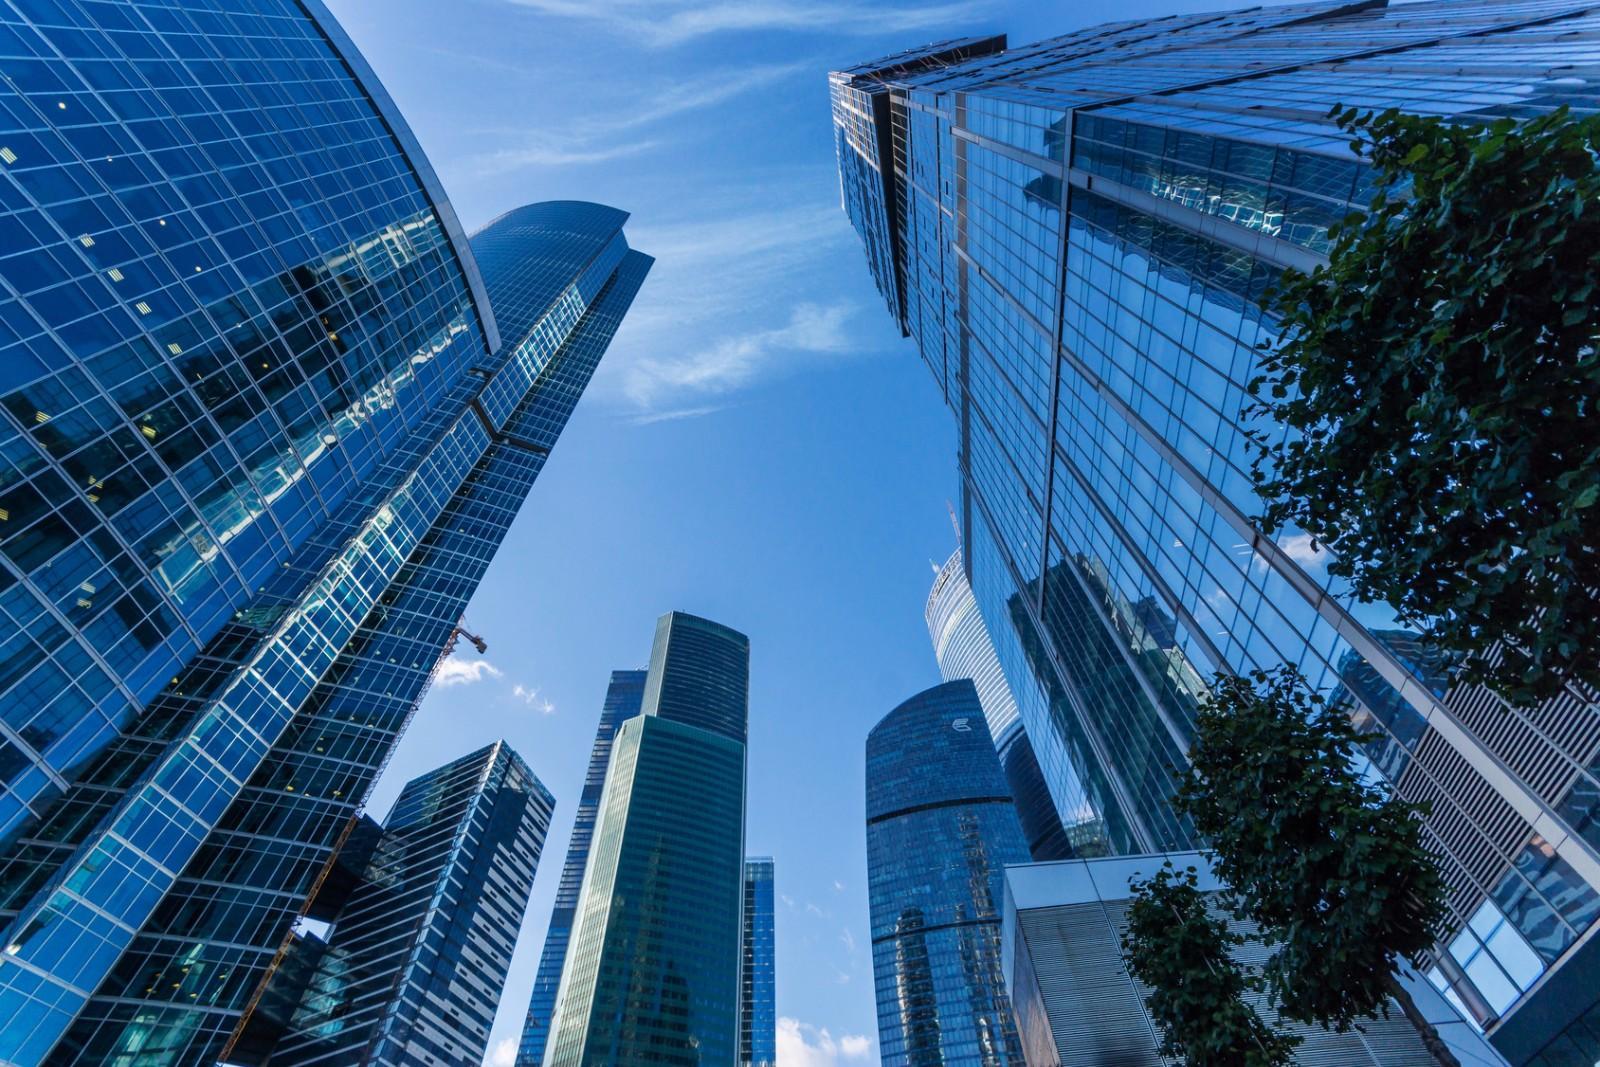 重庆写字楼需求增加,联合办公积极扩张